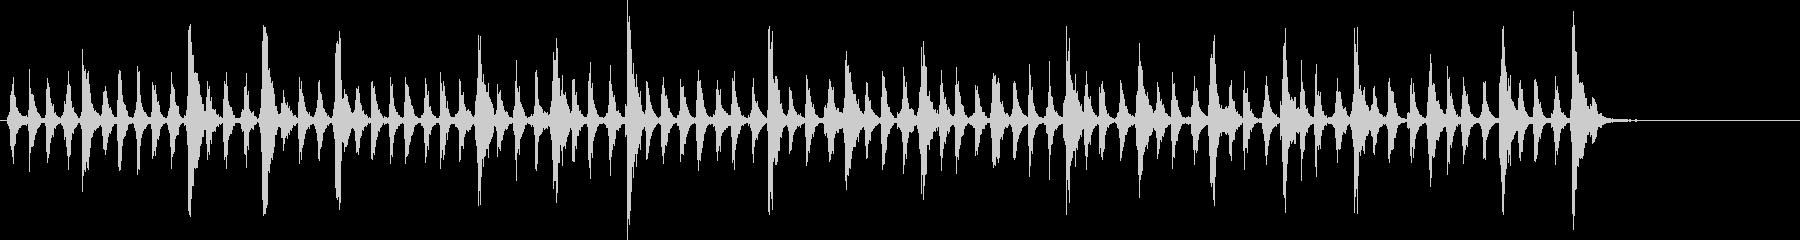 リズム、ロング、ミュージック、パー...の未再生の波形